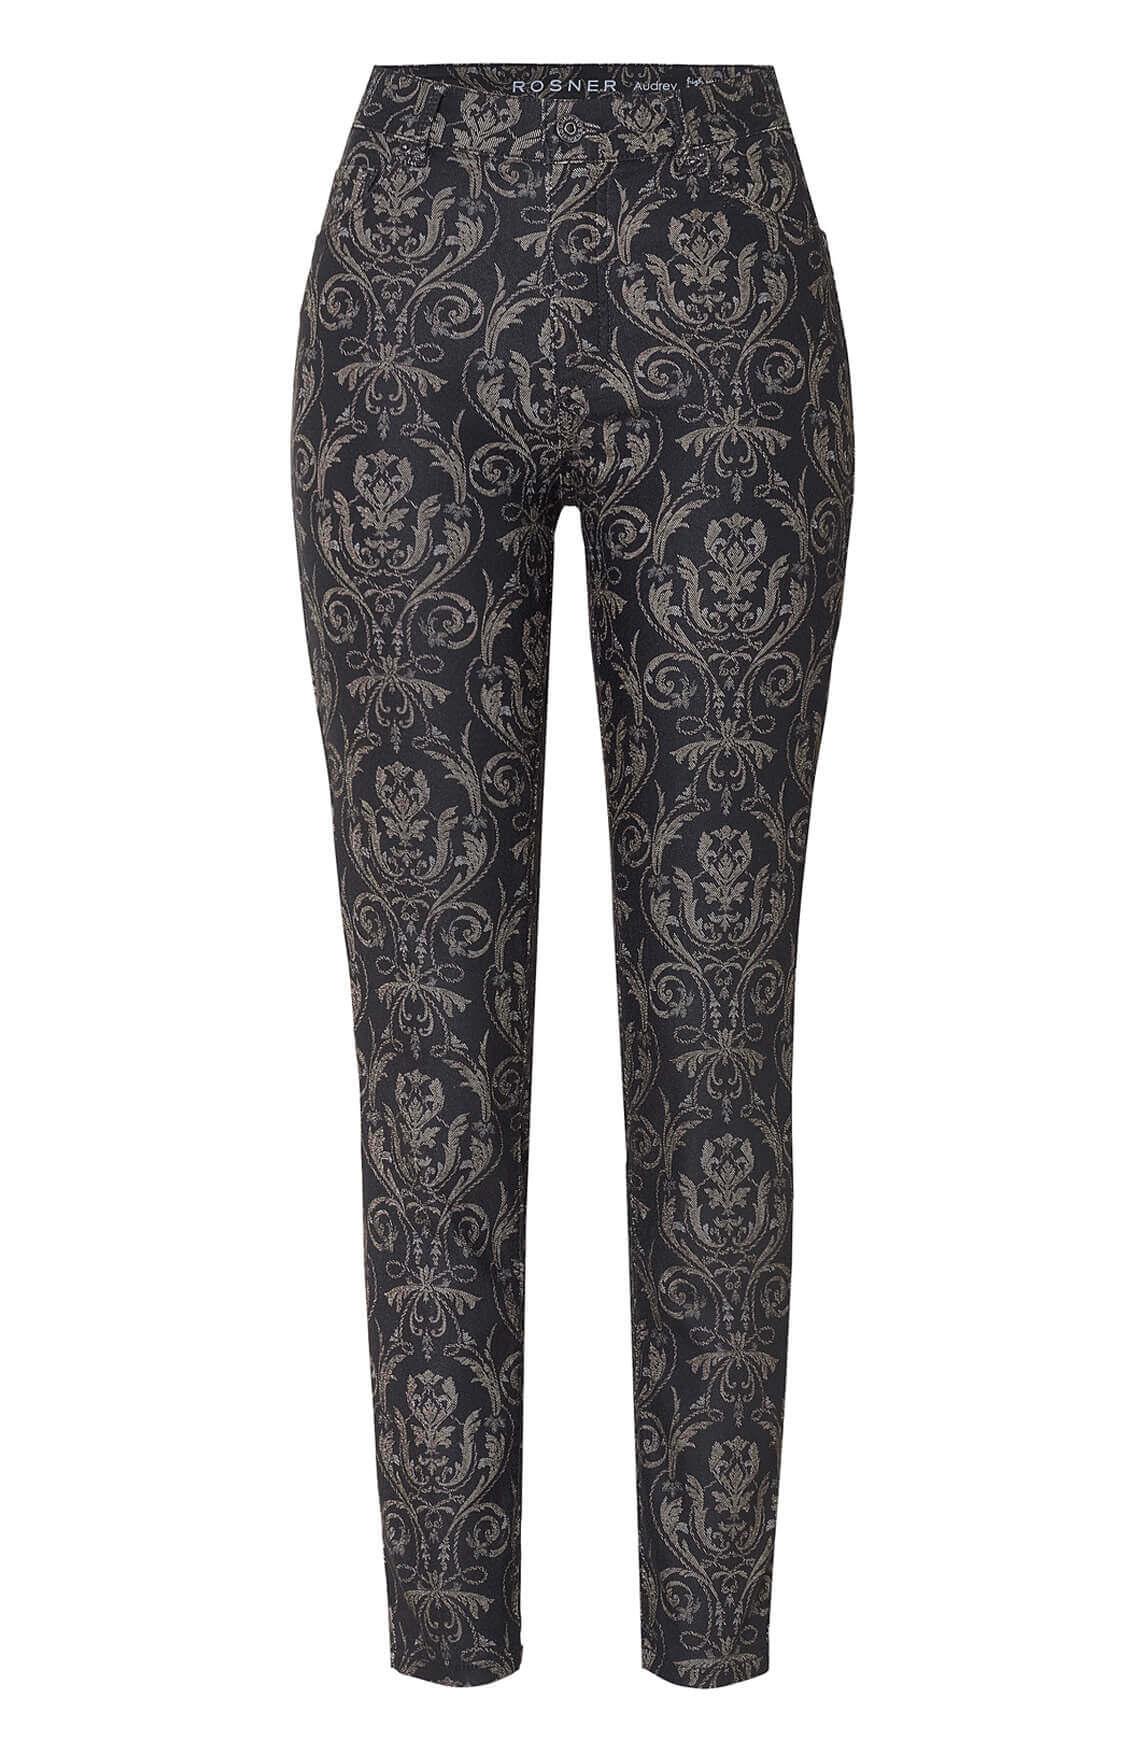 Rosner Dames L30 Audrey broek met print zwart